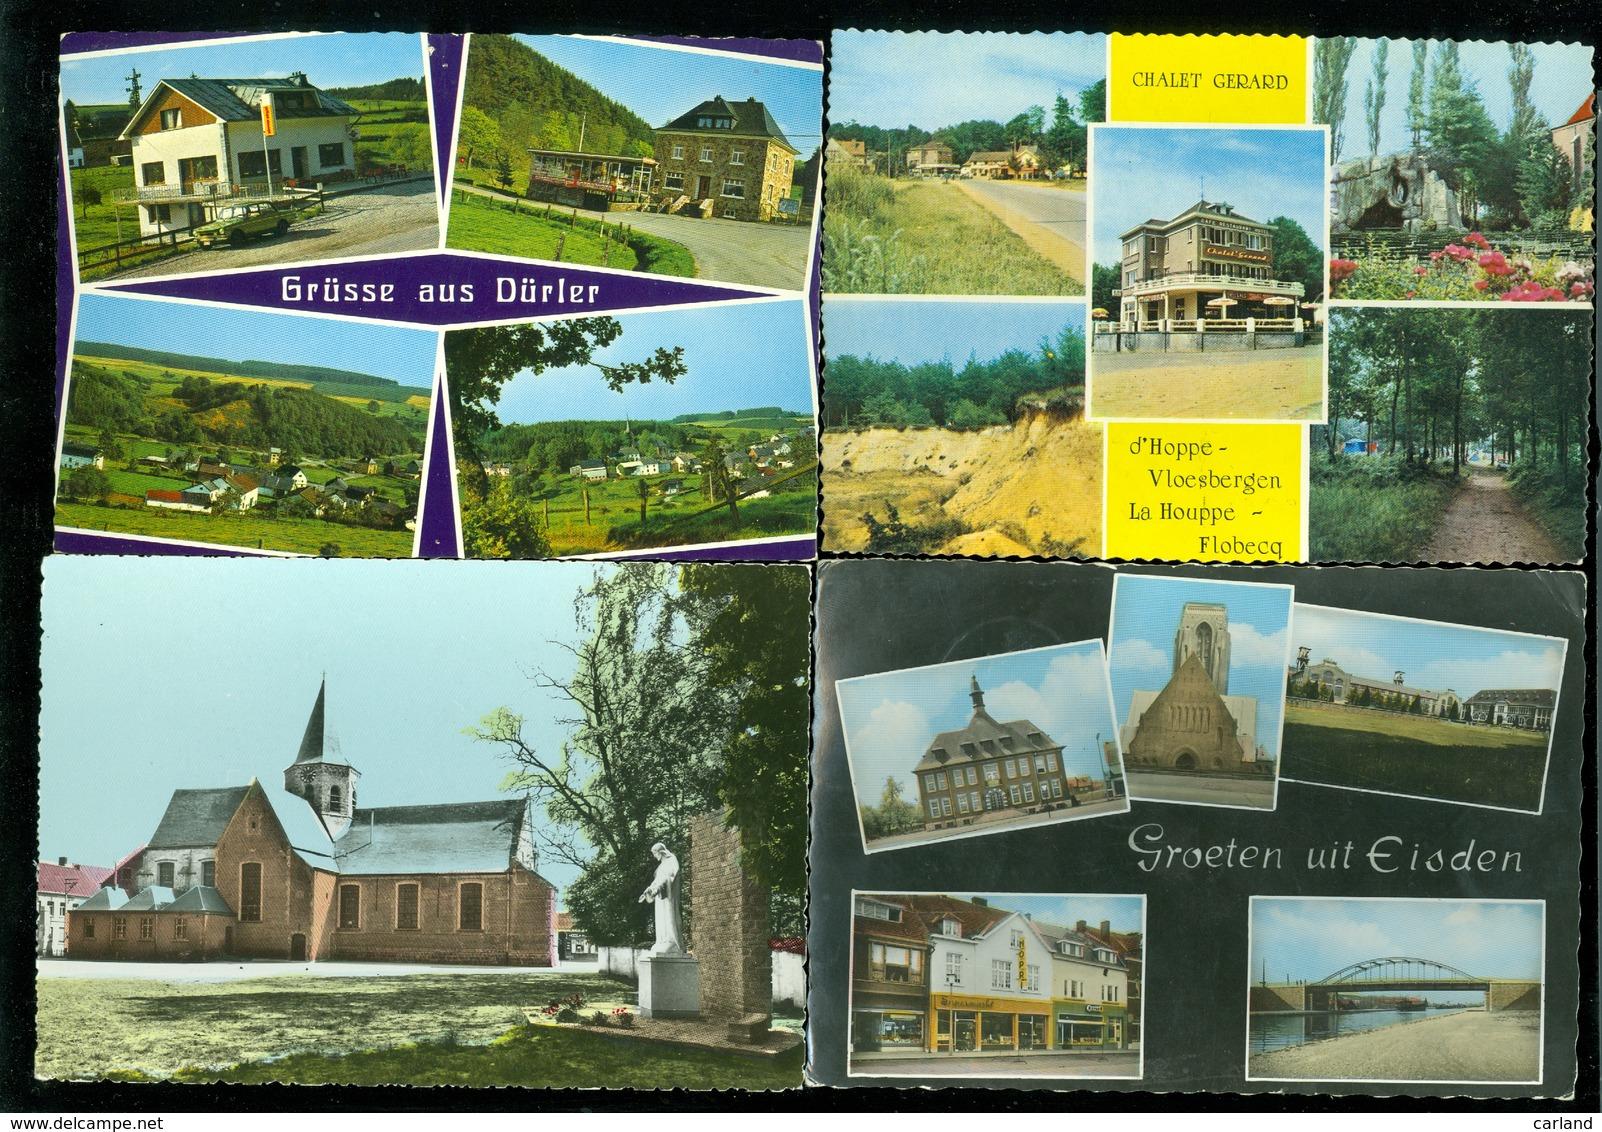 Beau Lot De 60 Cartes Postales De Belgique  Gr. Format En Couleurs  Mooi Lot Van 60 Postkaarten Van België Groot Formaat - Cartes Postales